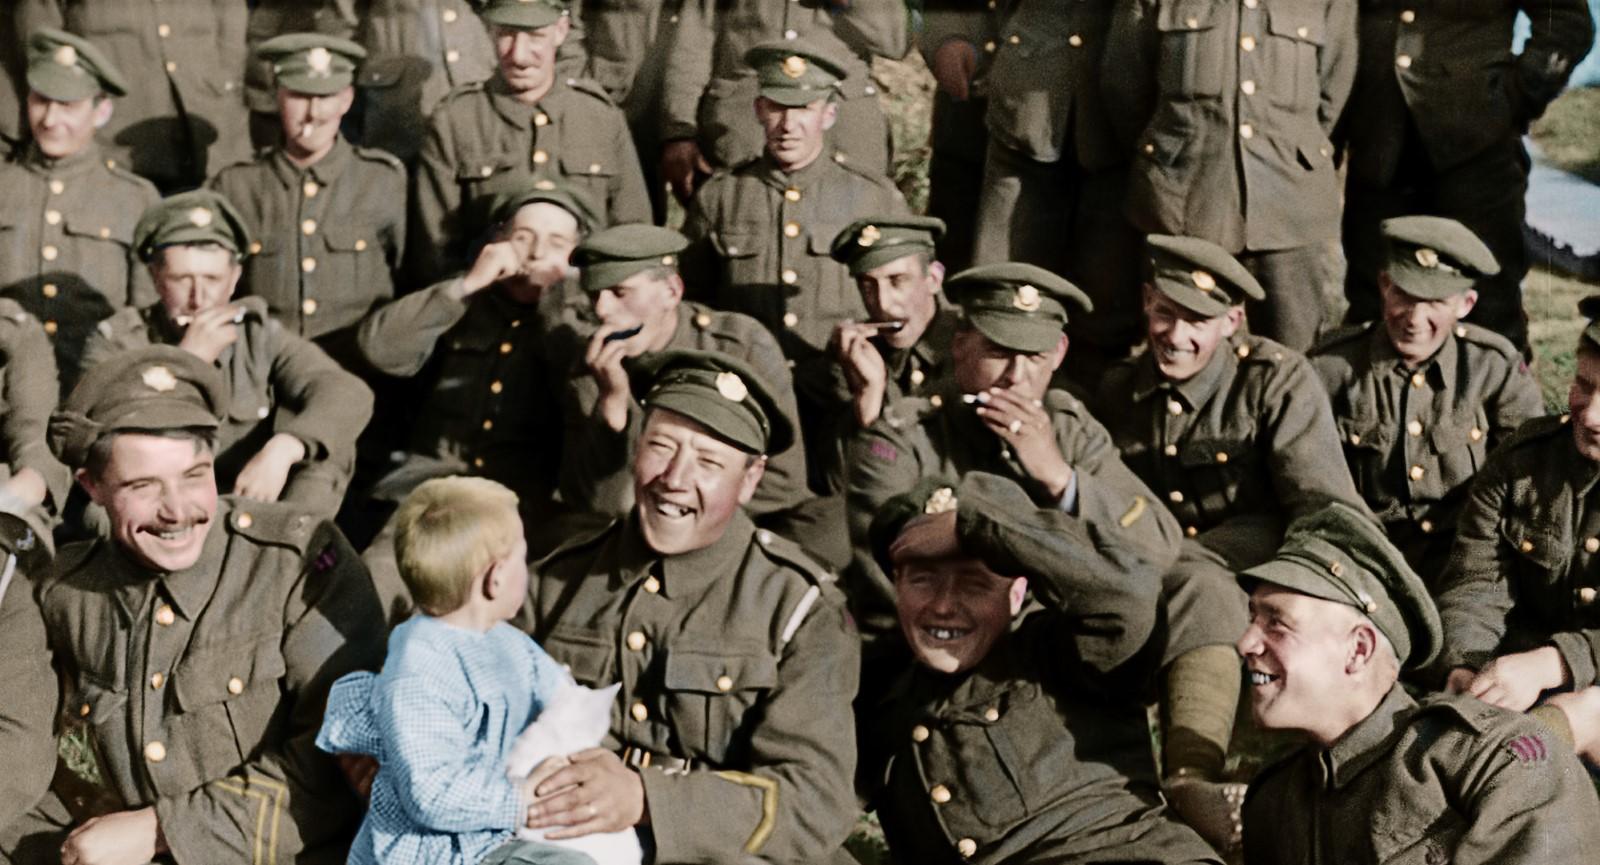 Ellos no envejecerán, documental dirigido por Peter Jackson